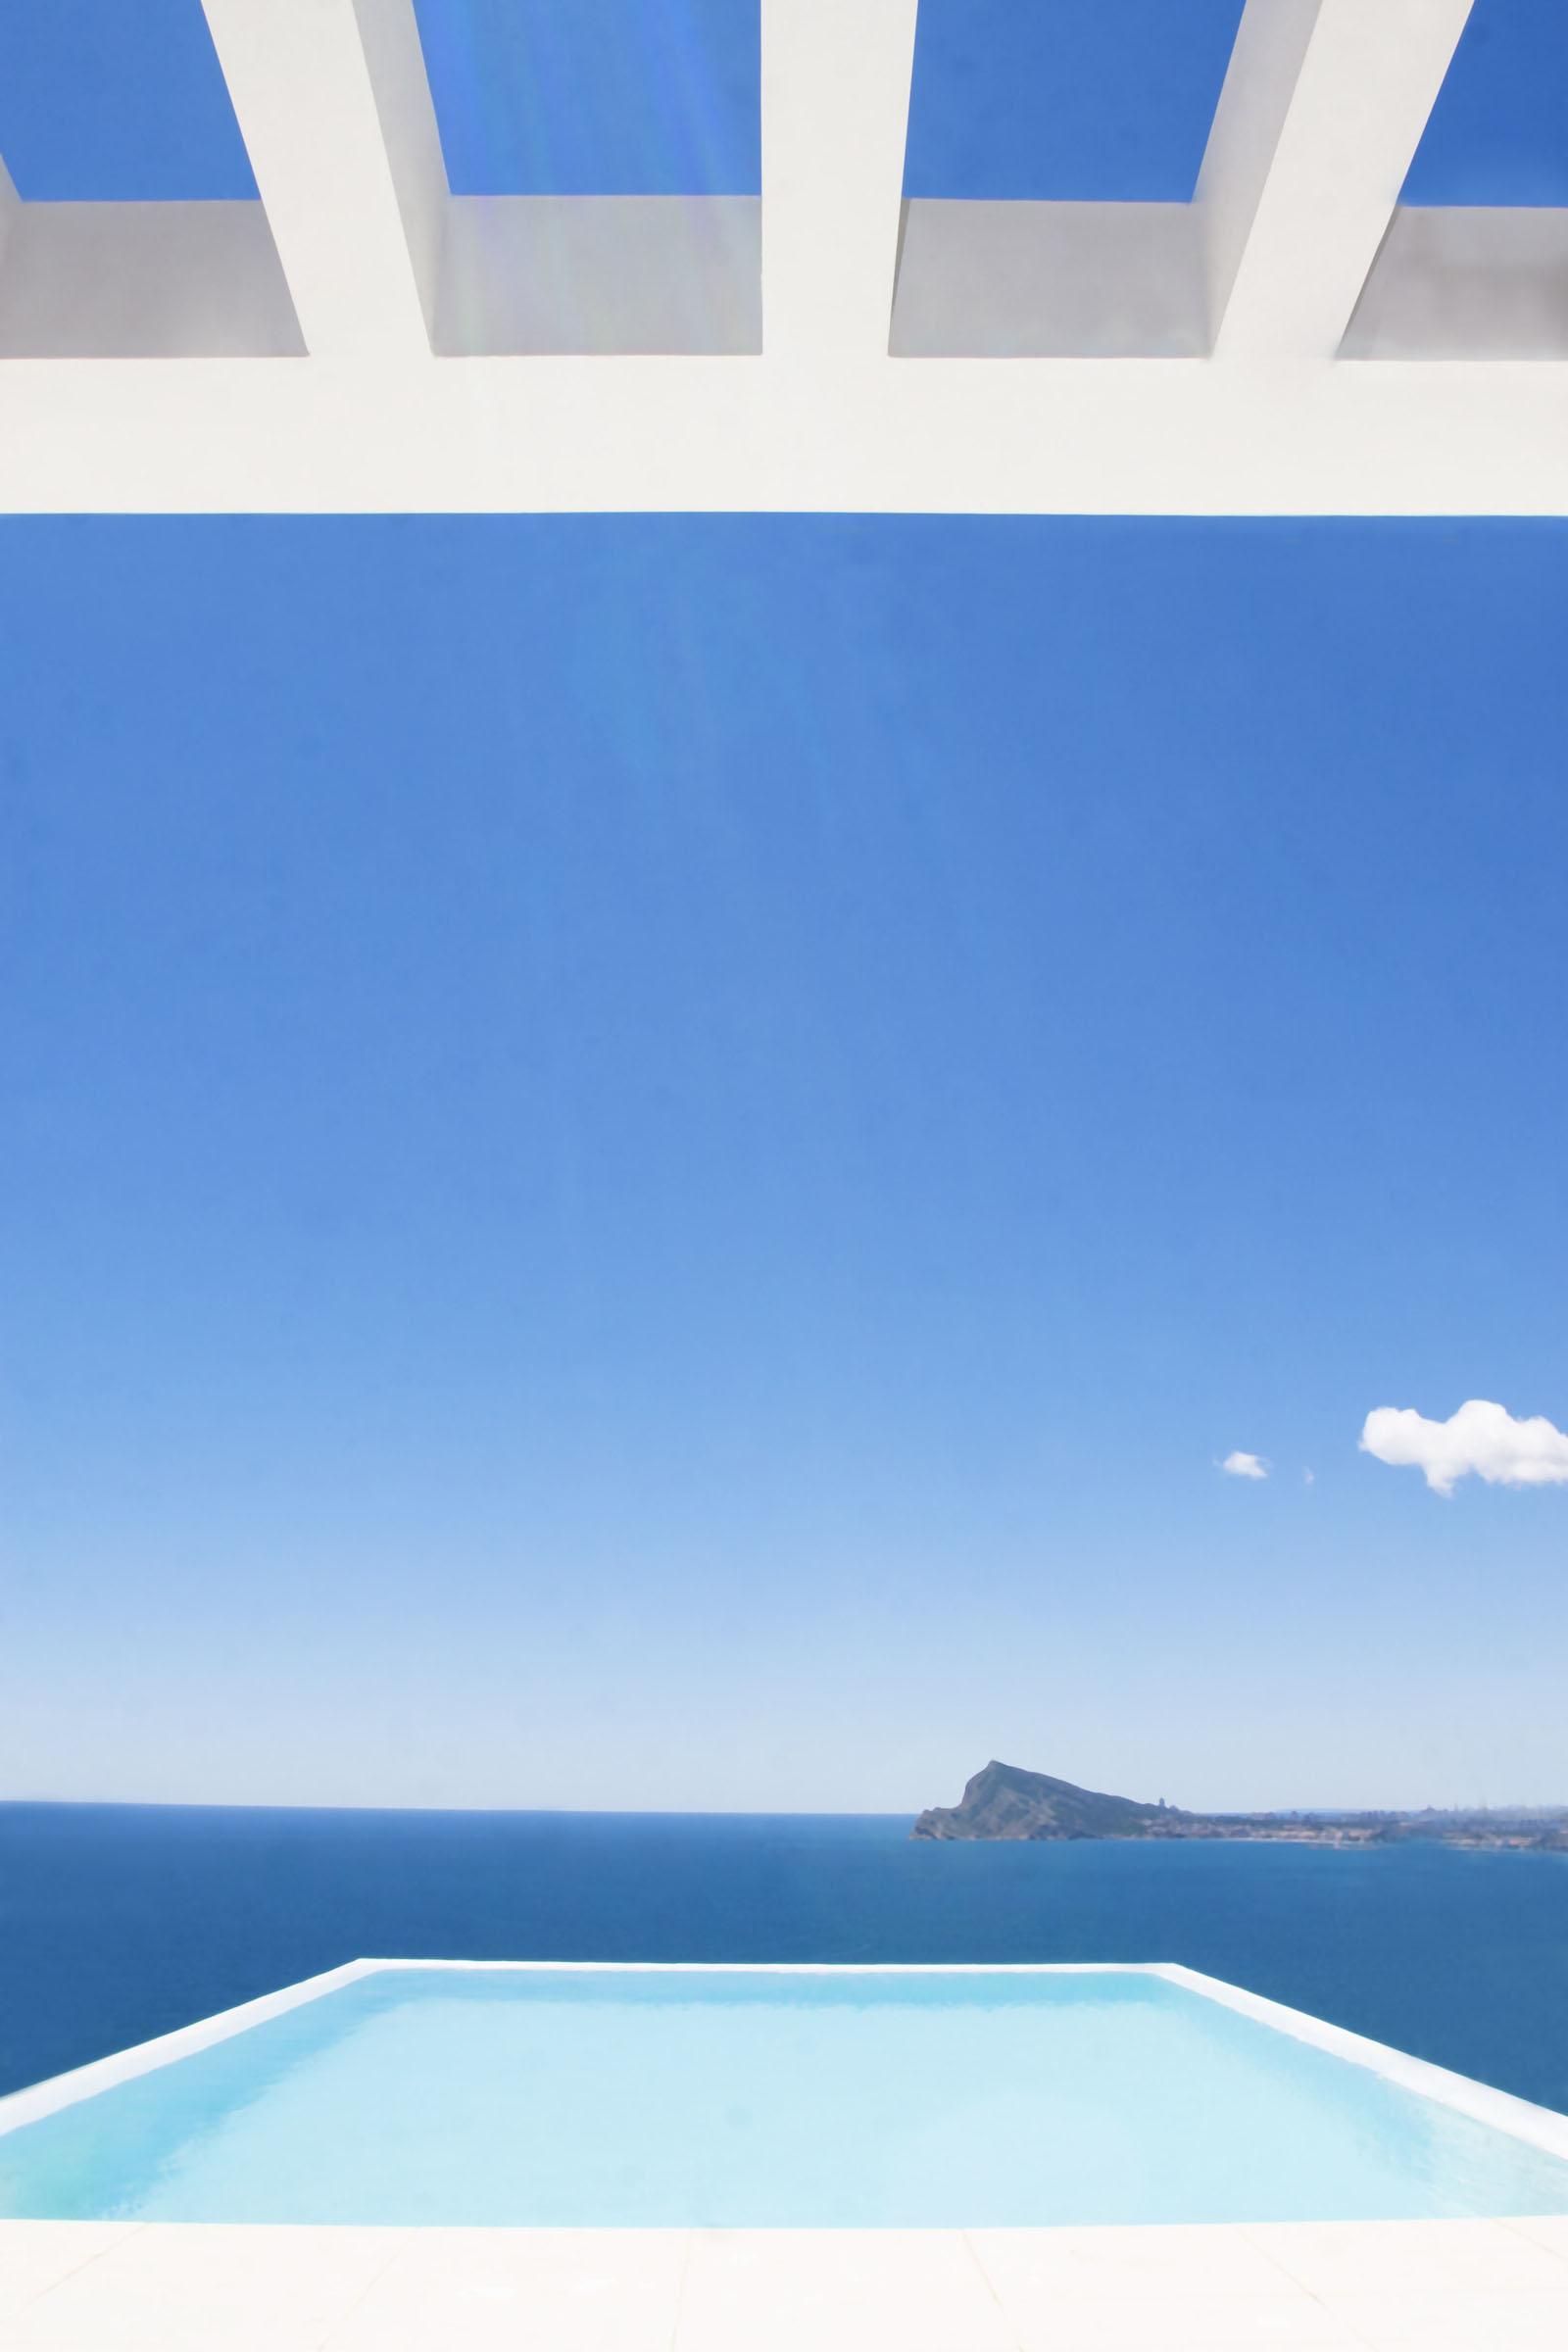 download garten terrasse mediterran | siteminsk, Garten und erstellen